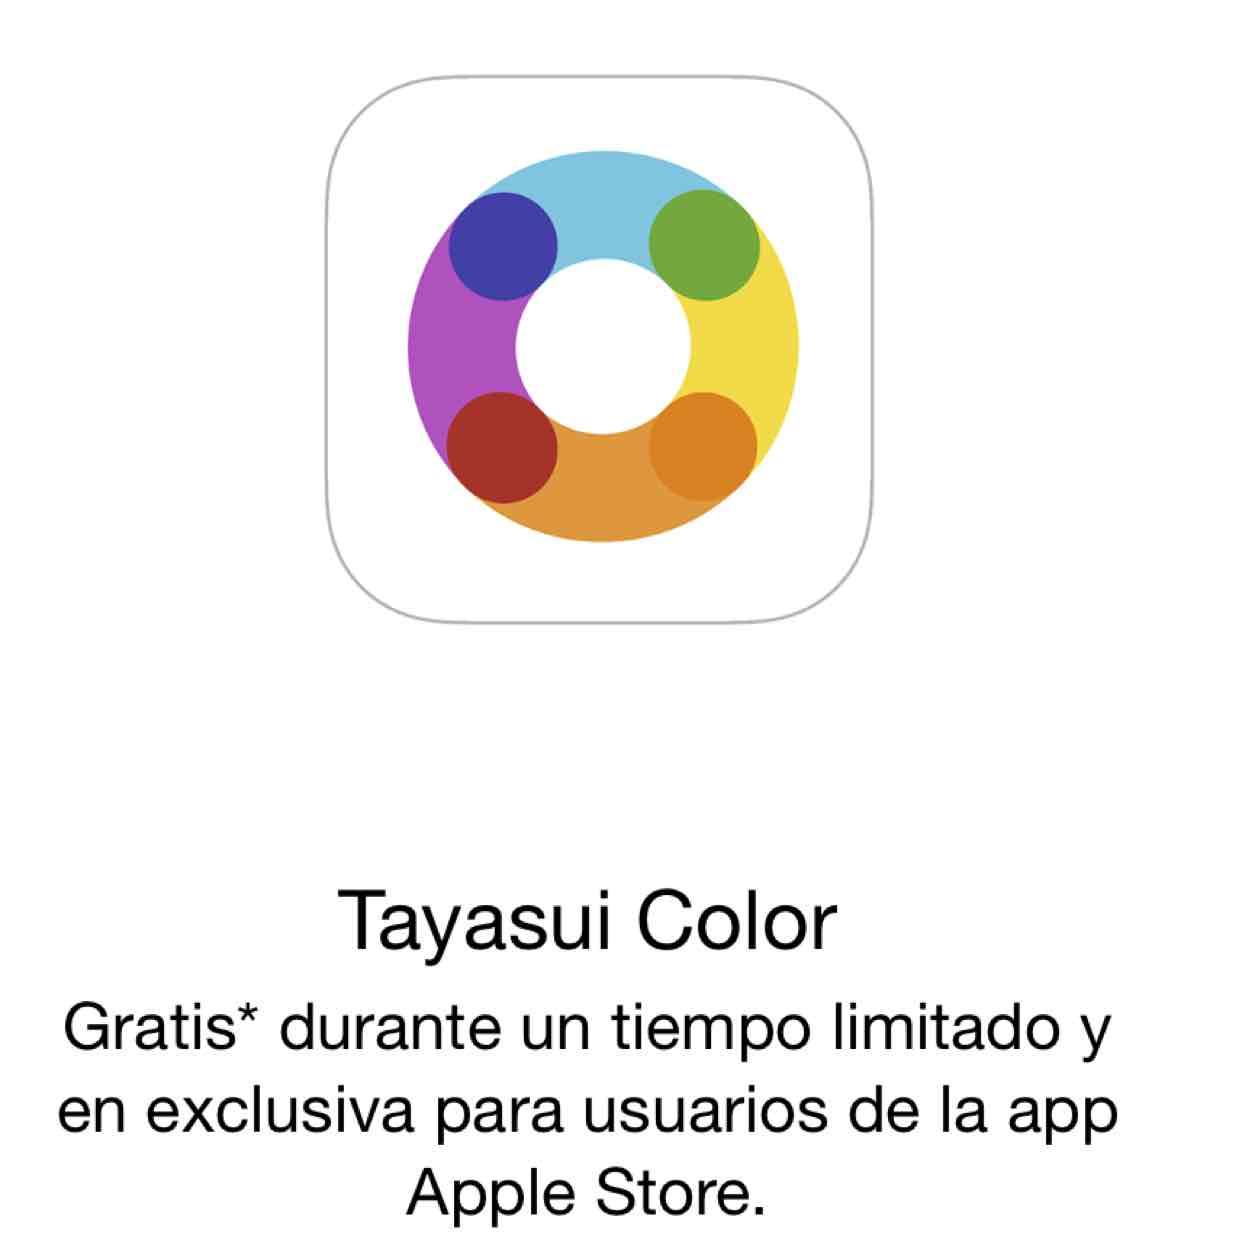 App Store: Tayasui Color gratis